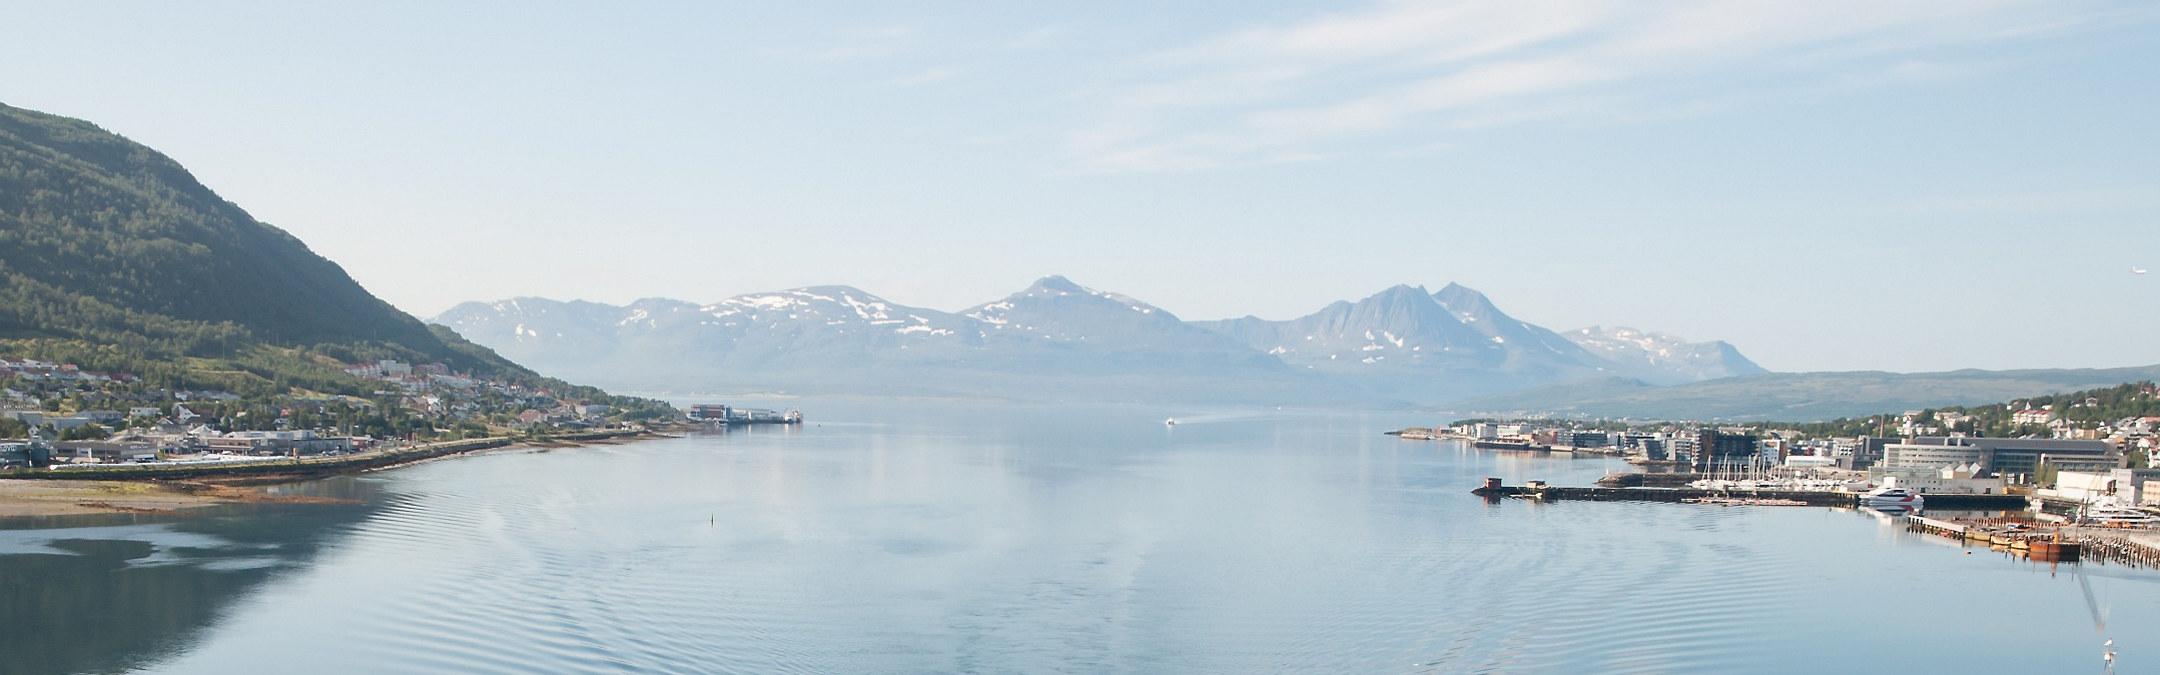 Bilde av fjell og fjord med industri